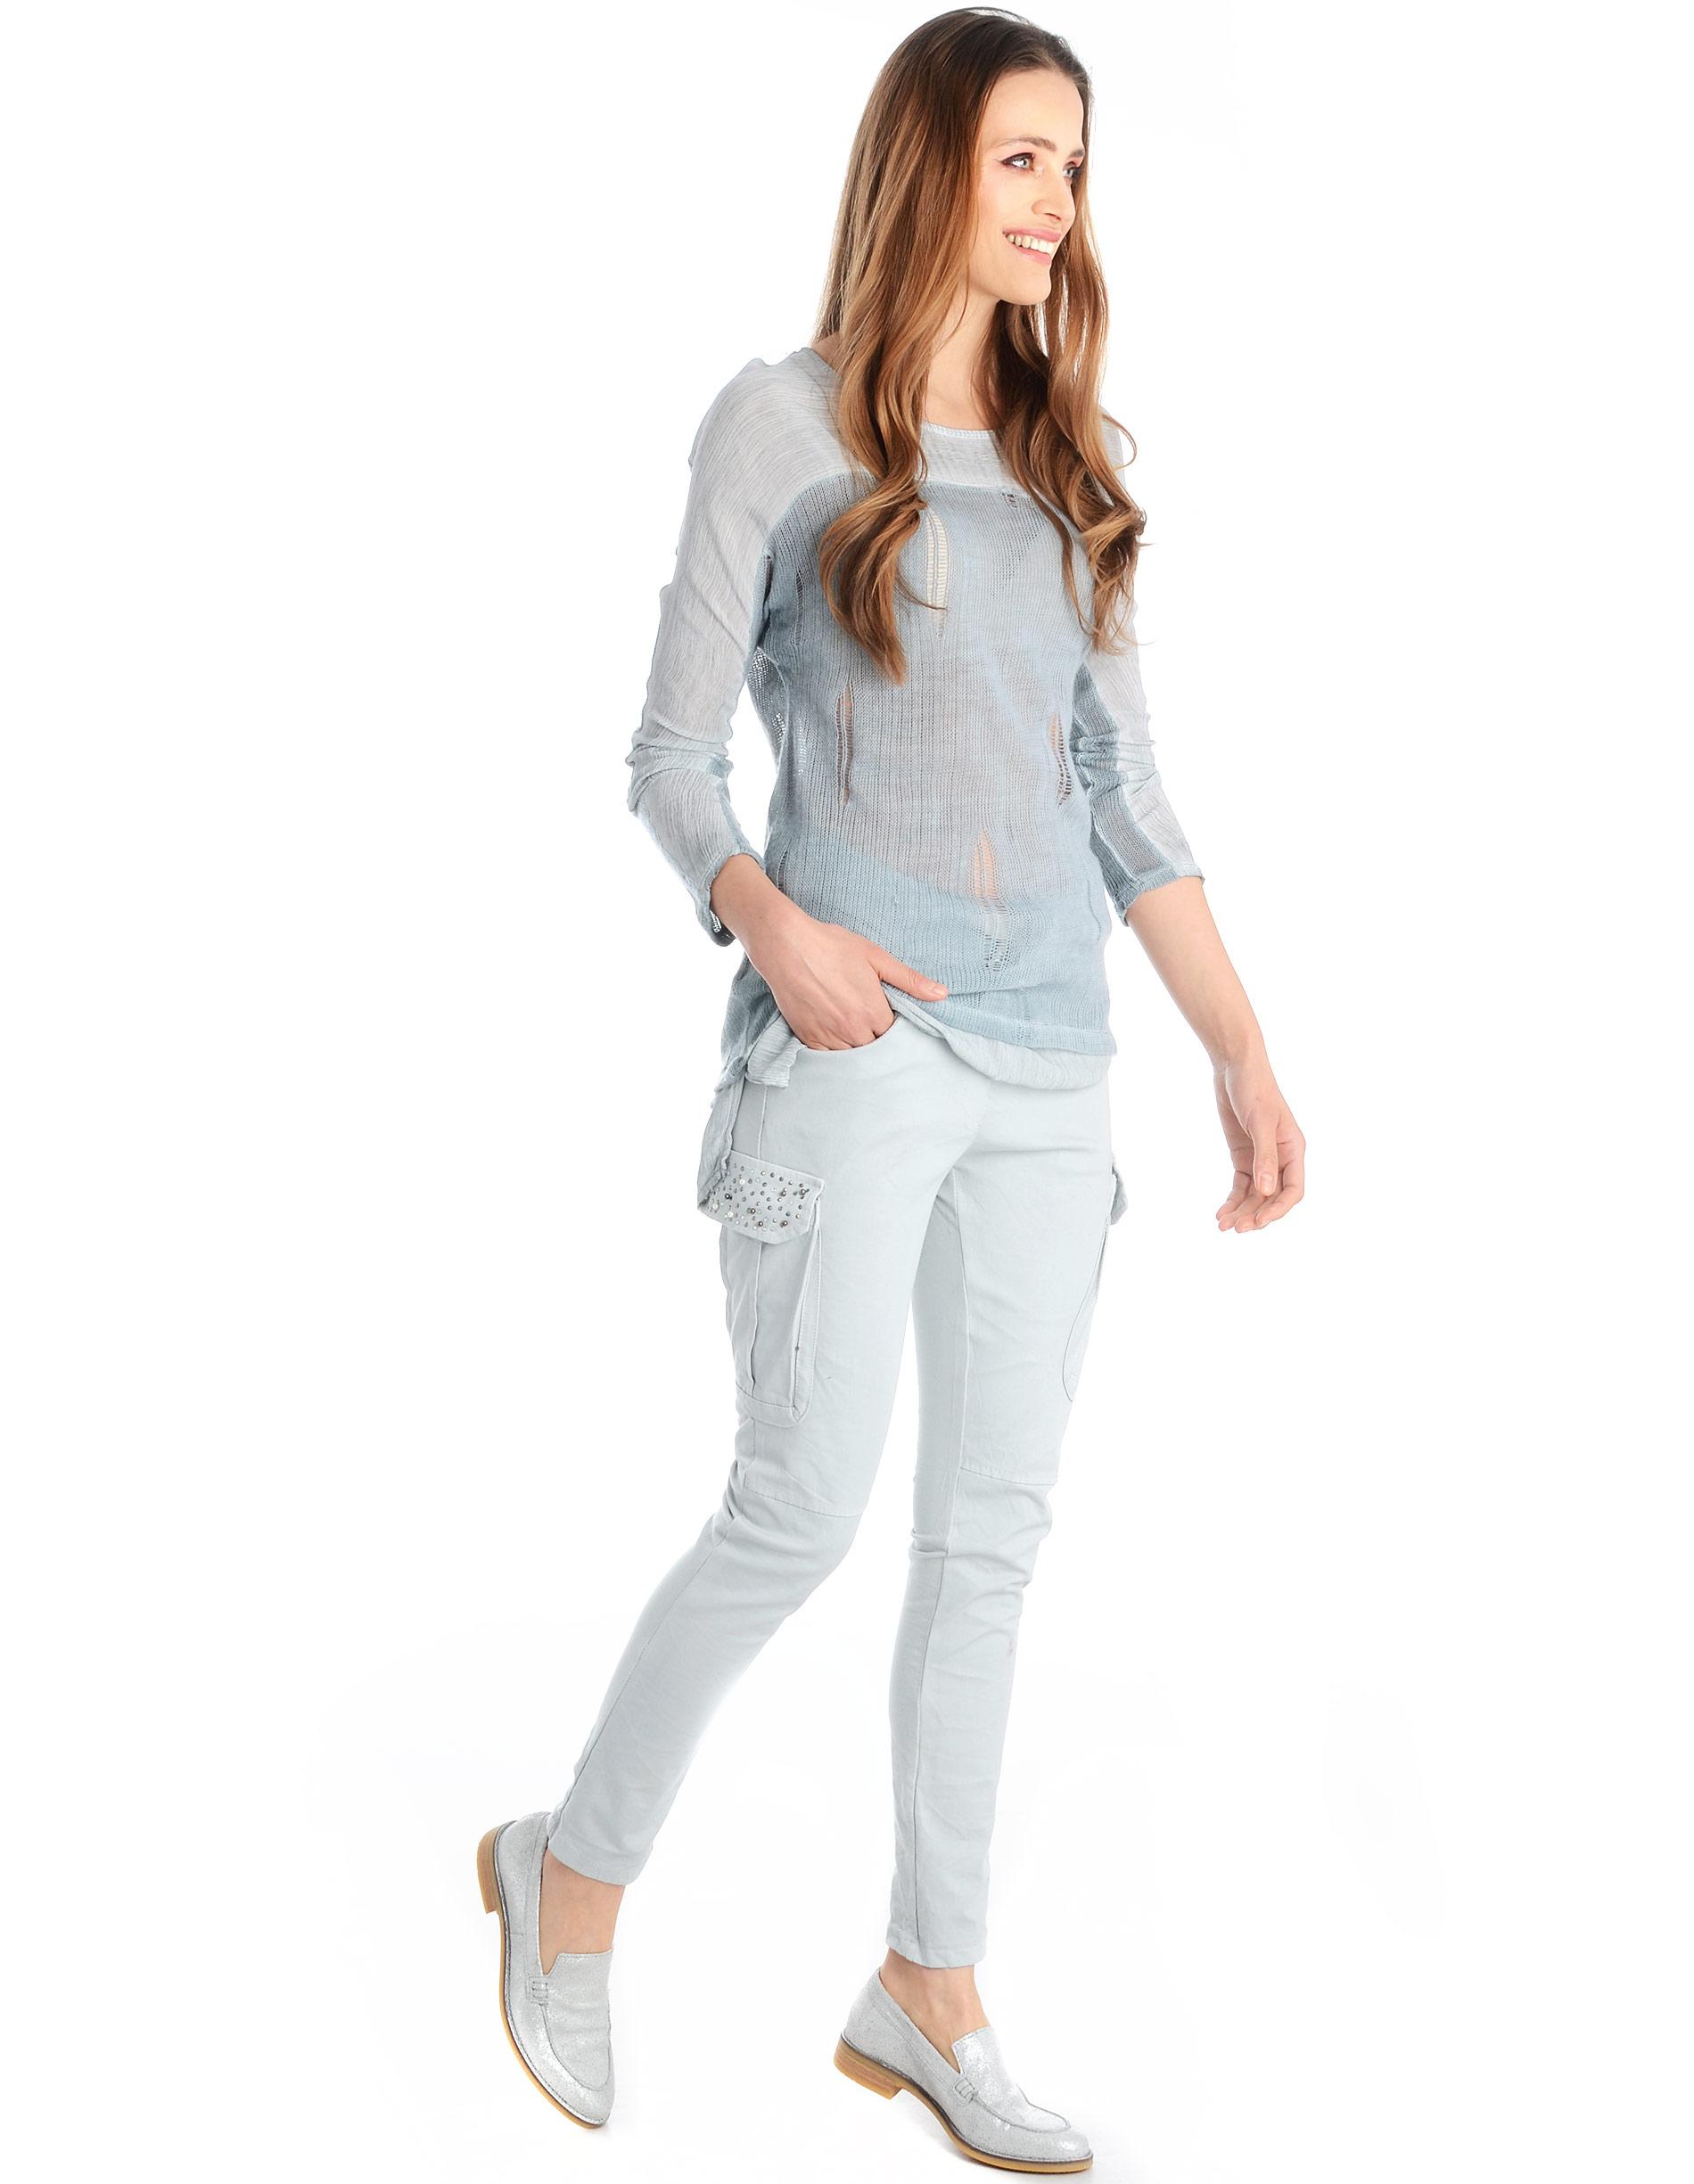 Spodnie - 104-1705 PERL - Unisono